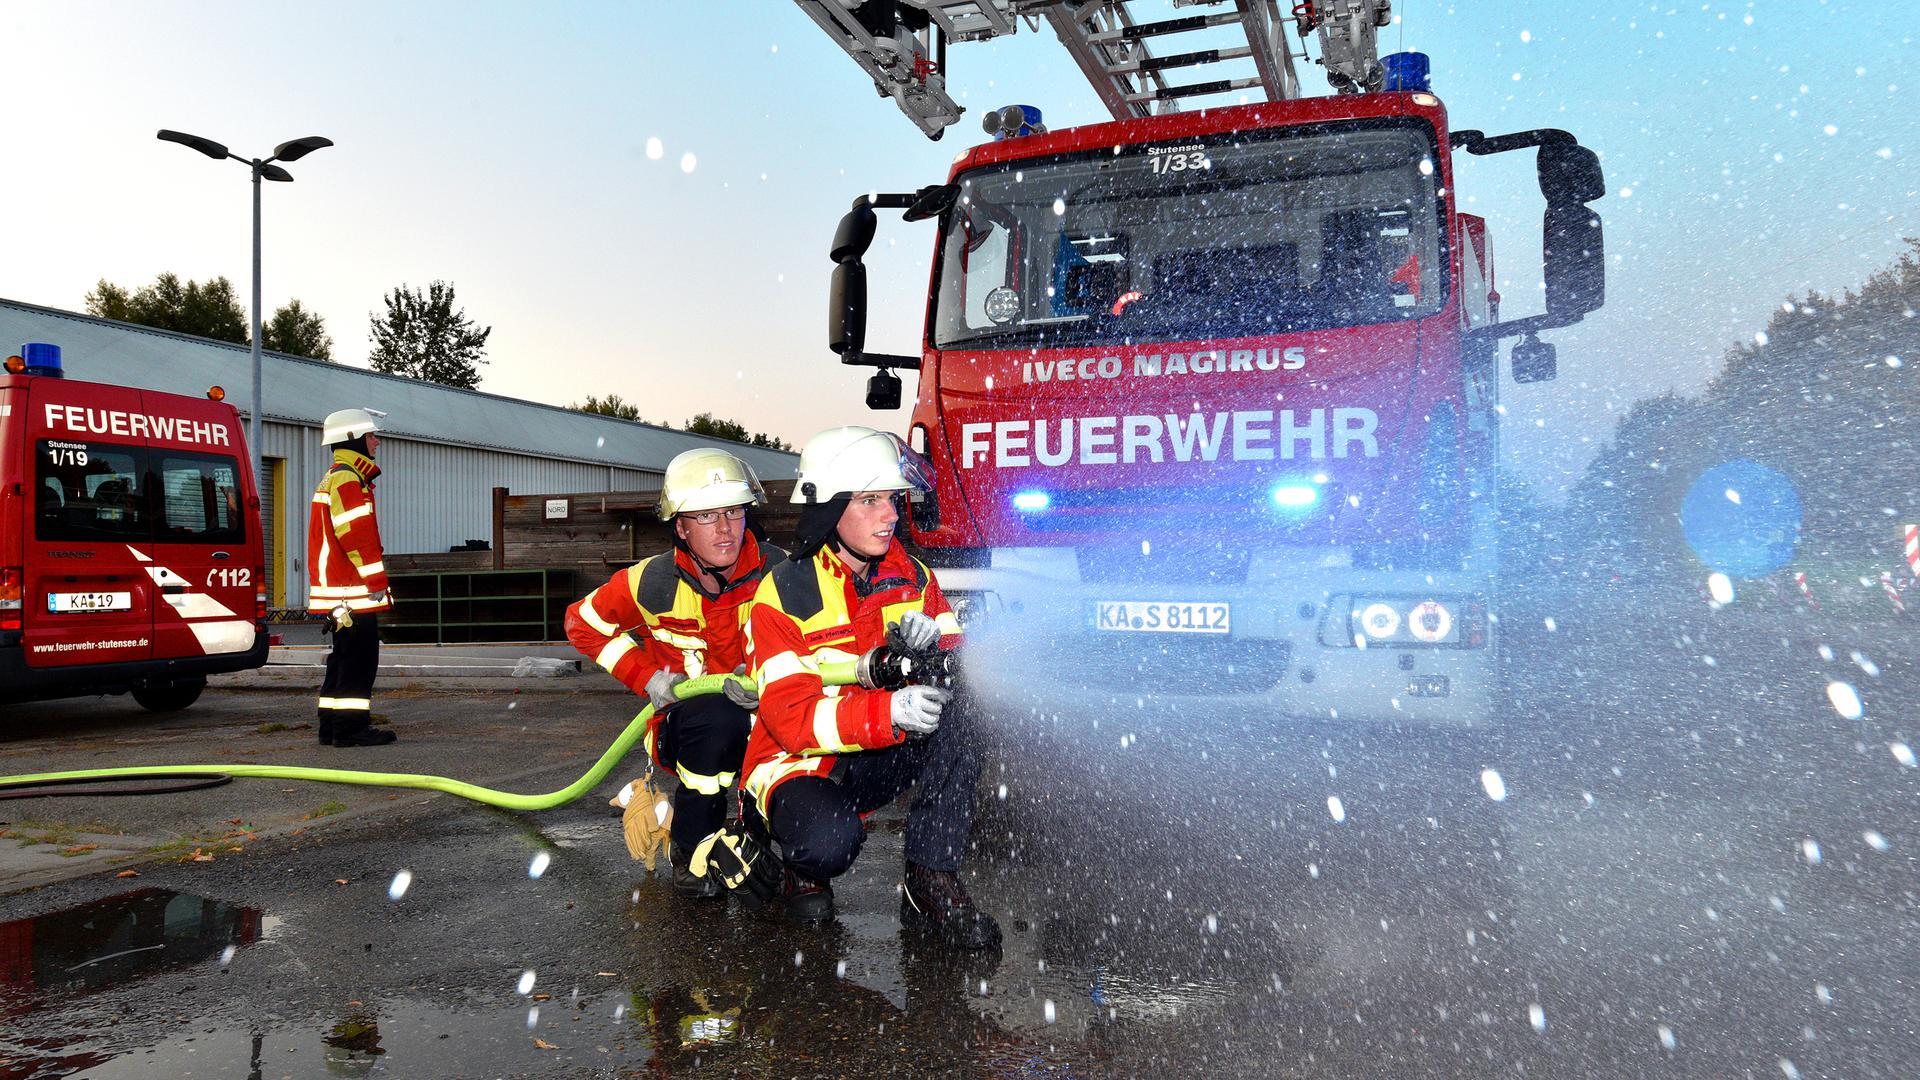 Feuerwehrkräfte halten einen Schlauch vor einem Feuerwehrauto (Symbolbild).